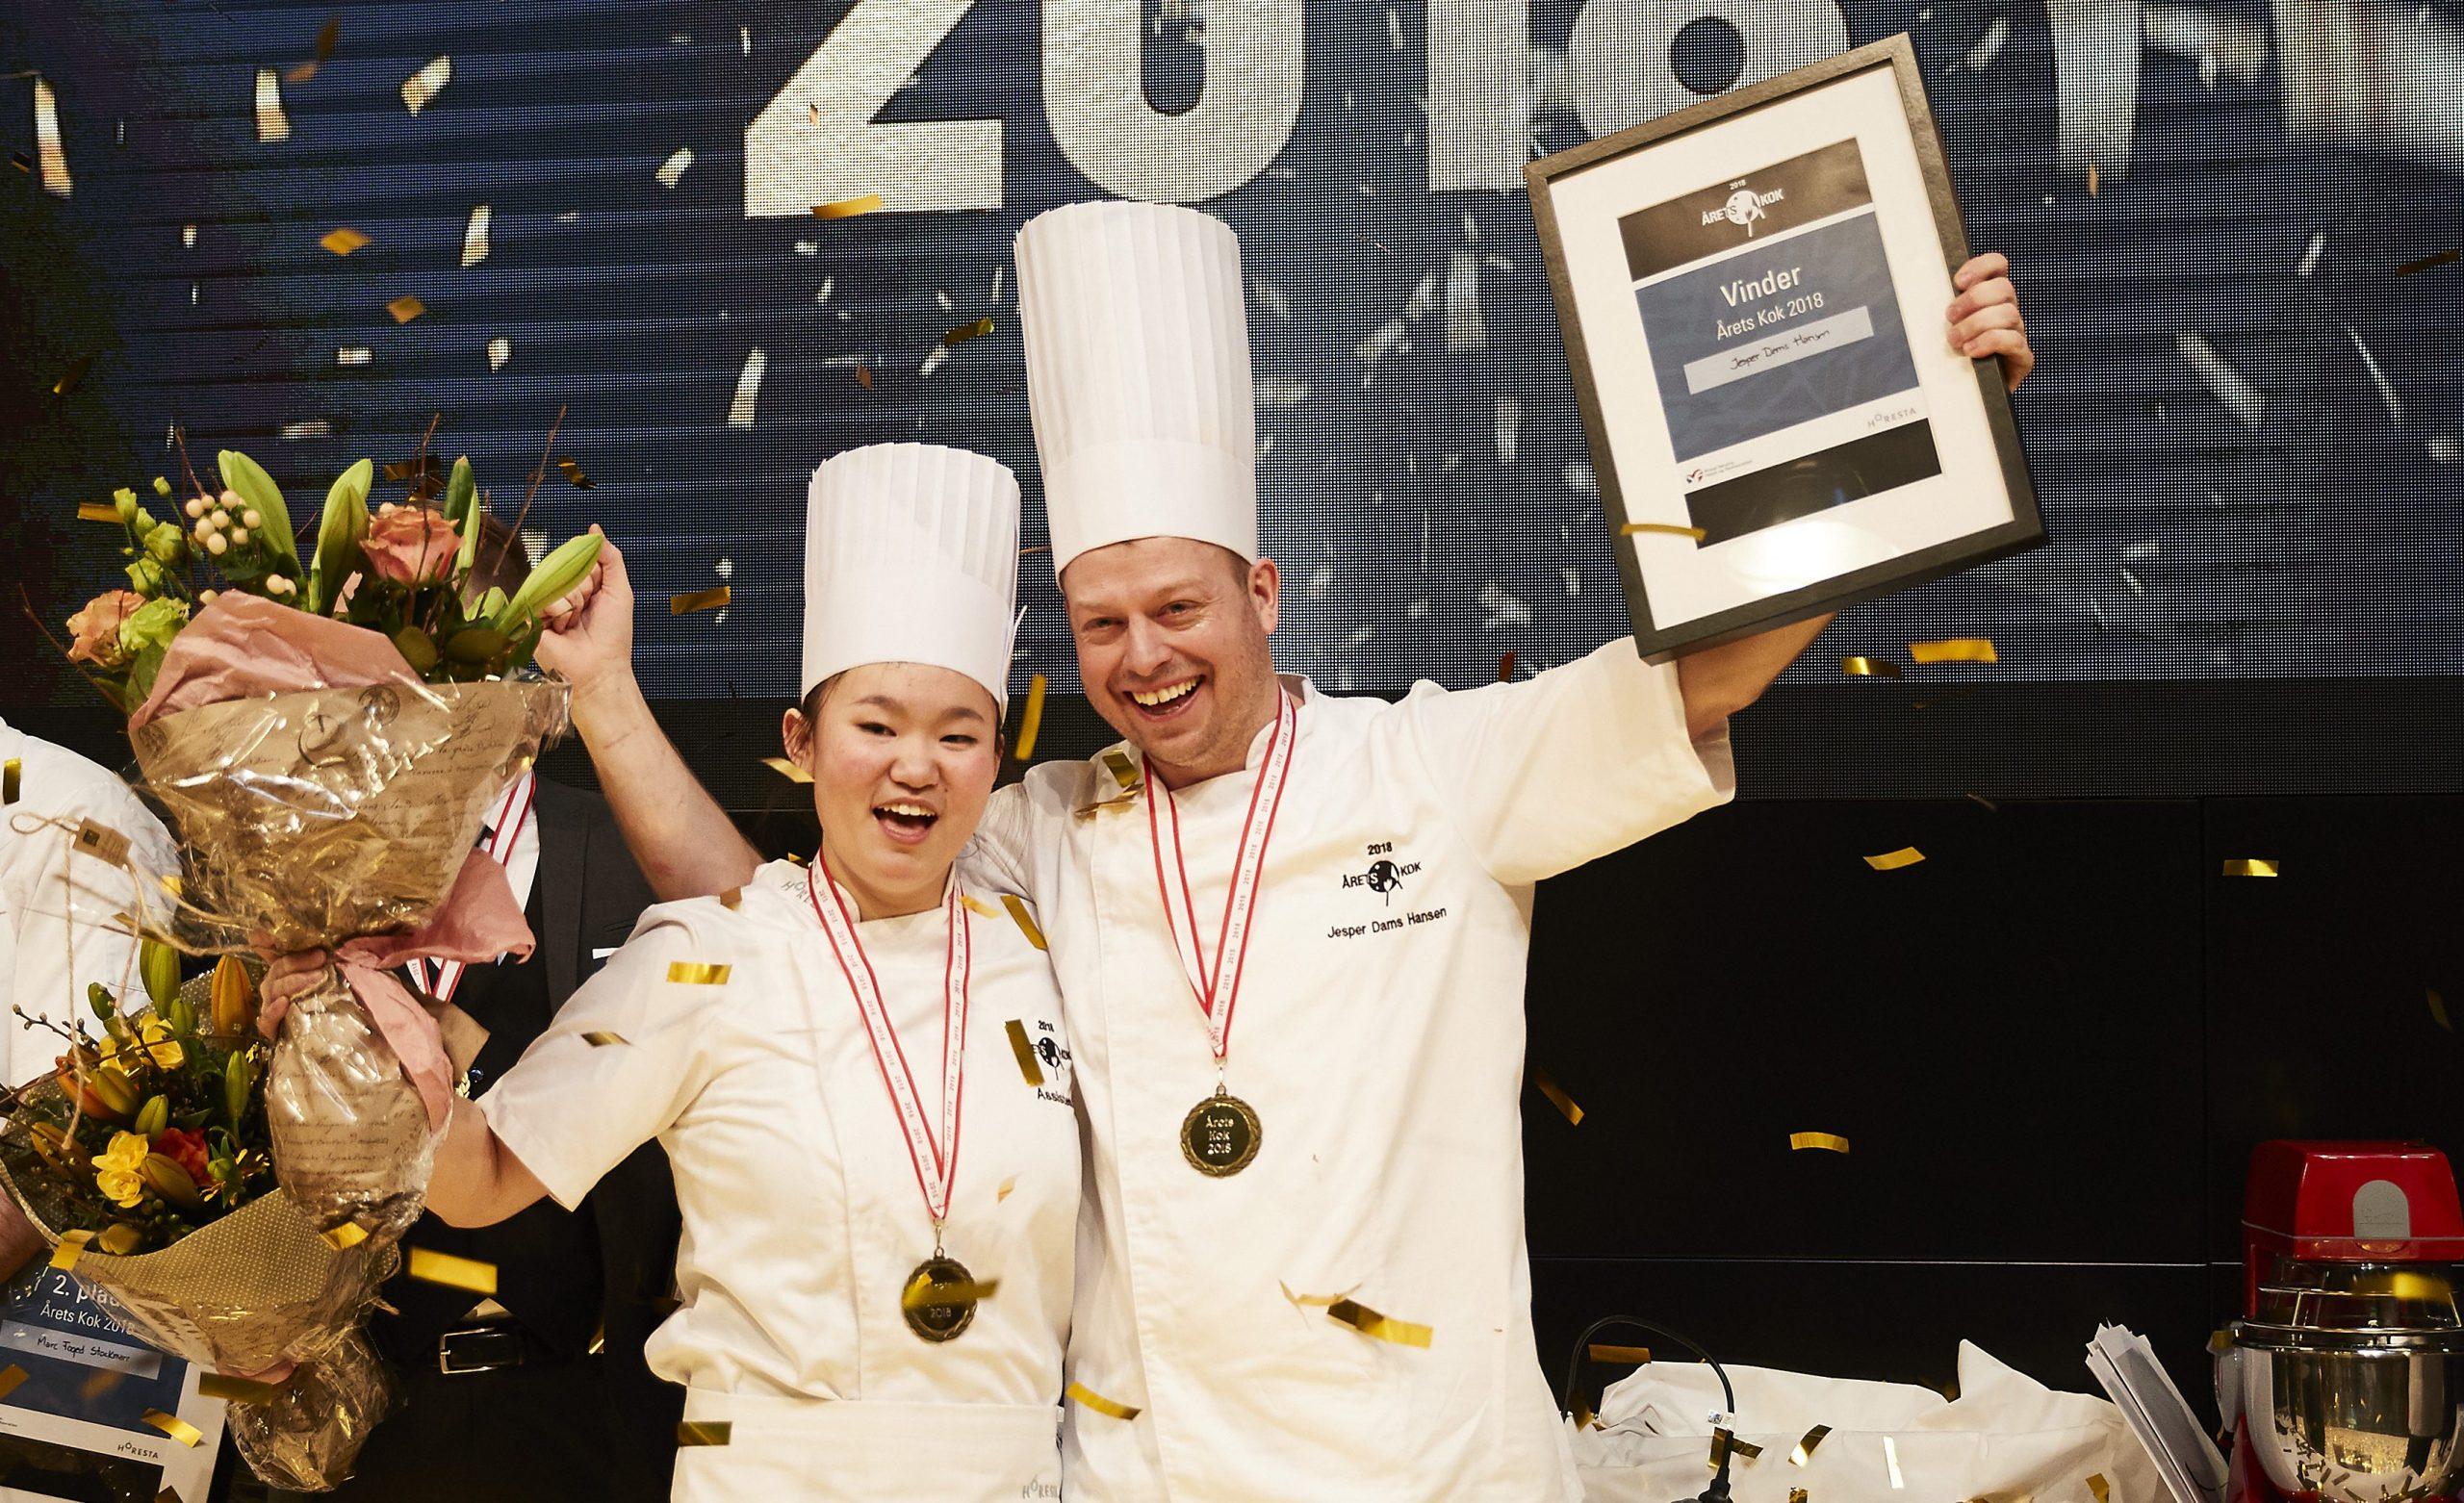 Årets Kok er fotograferet sammen med sin assistent, Andrea Lan Jin Dalsgaard. Fotos: Claes Bech-Poulsen.